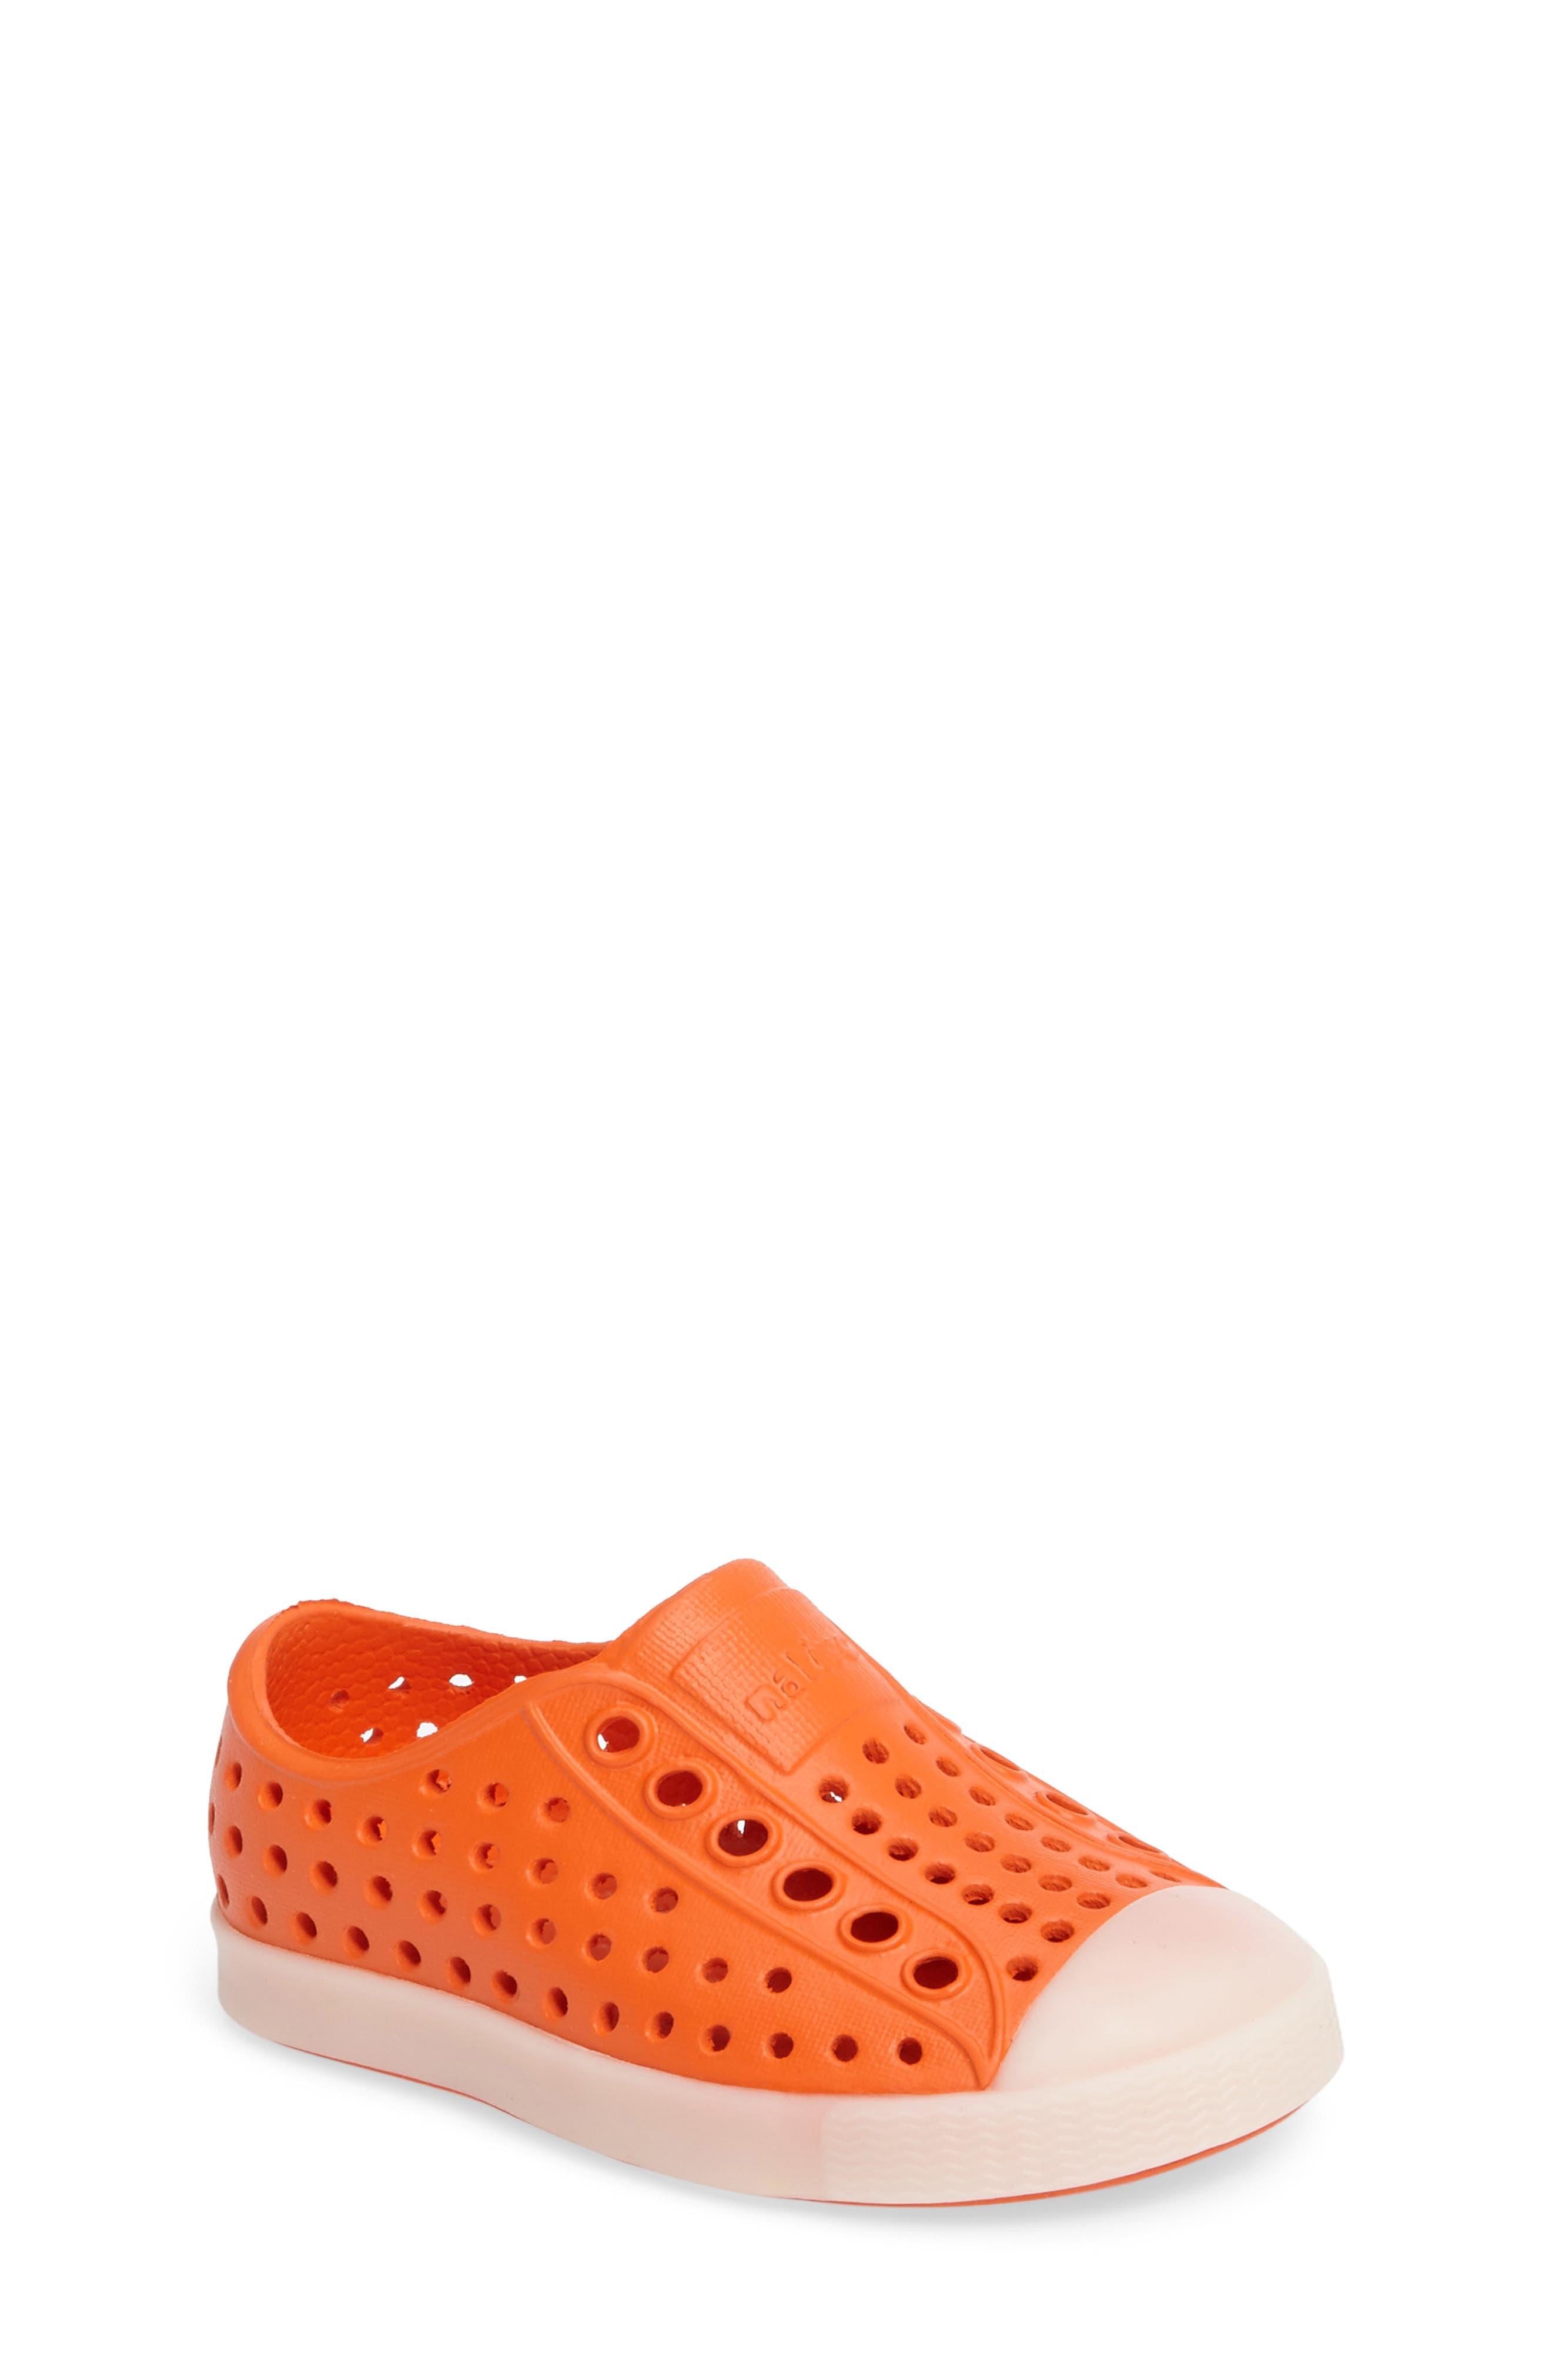 NATIVE SHOES Jefferson - Glow in the Dark Sneaker